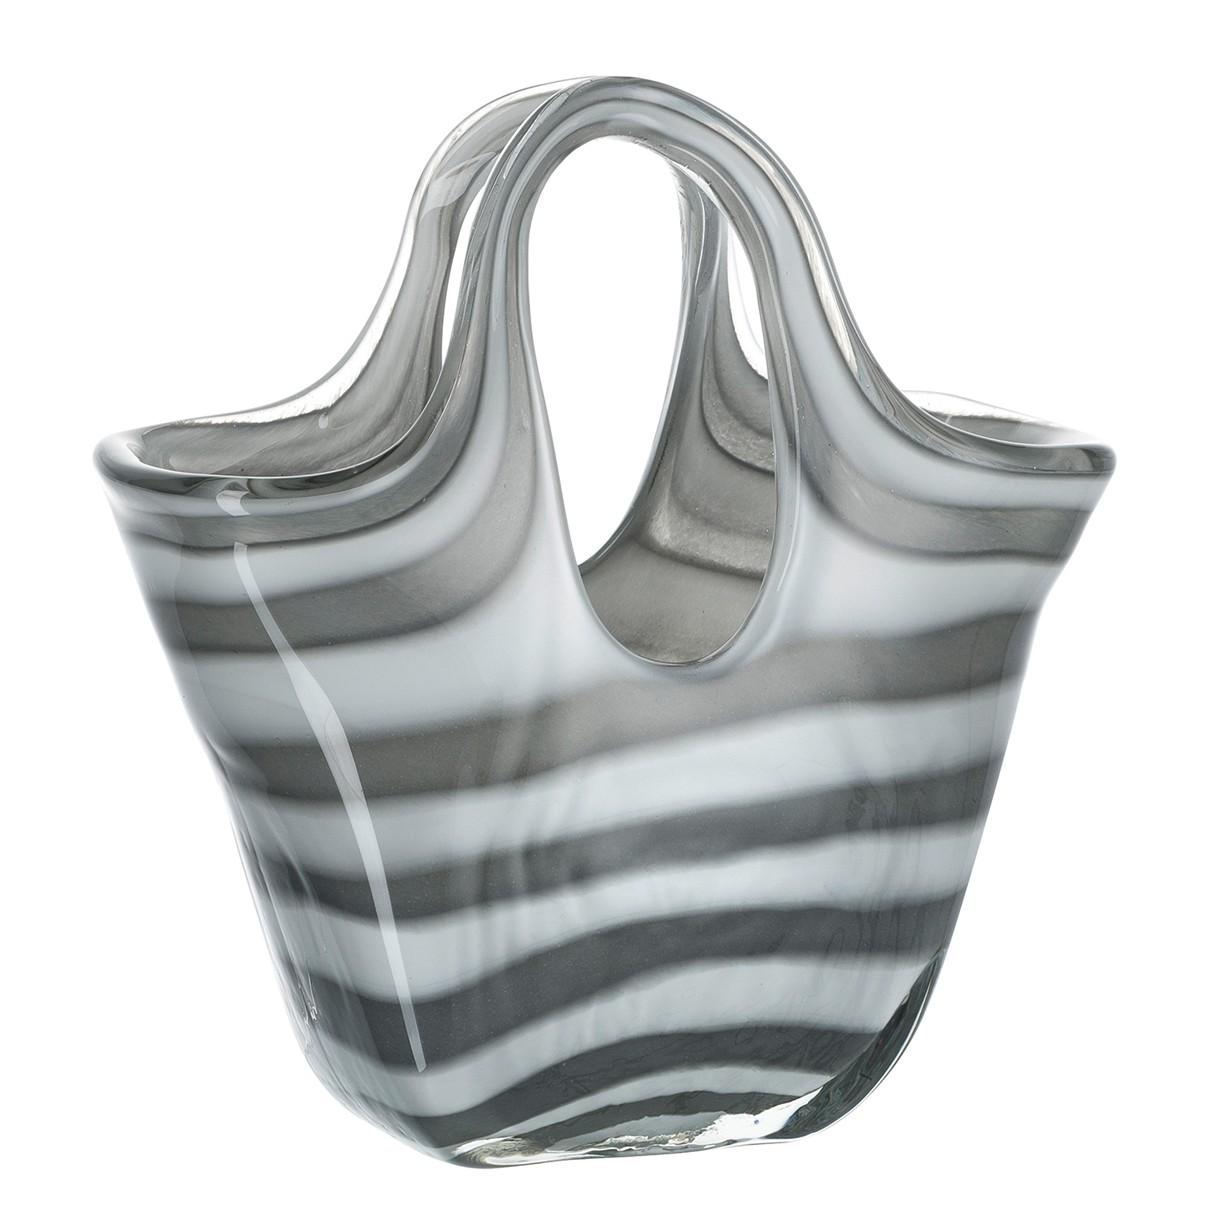 leonardo vase wei preisvergleich die besten angebote online kaufen. Black Bedroom Furniture Sets. Home Design Ideas